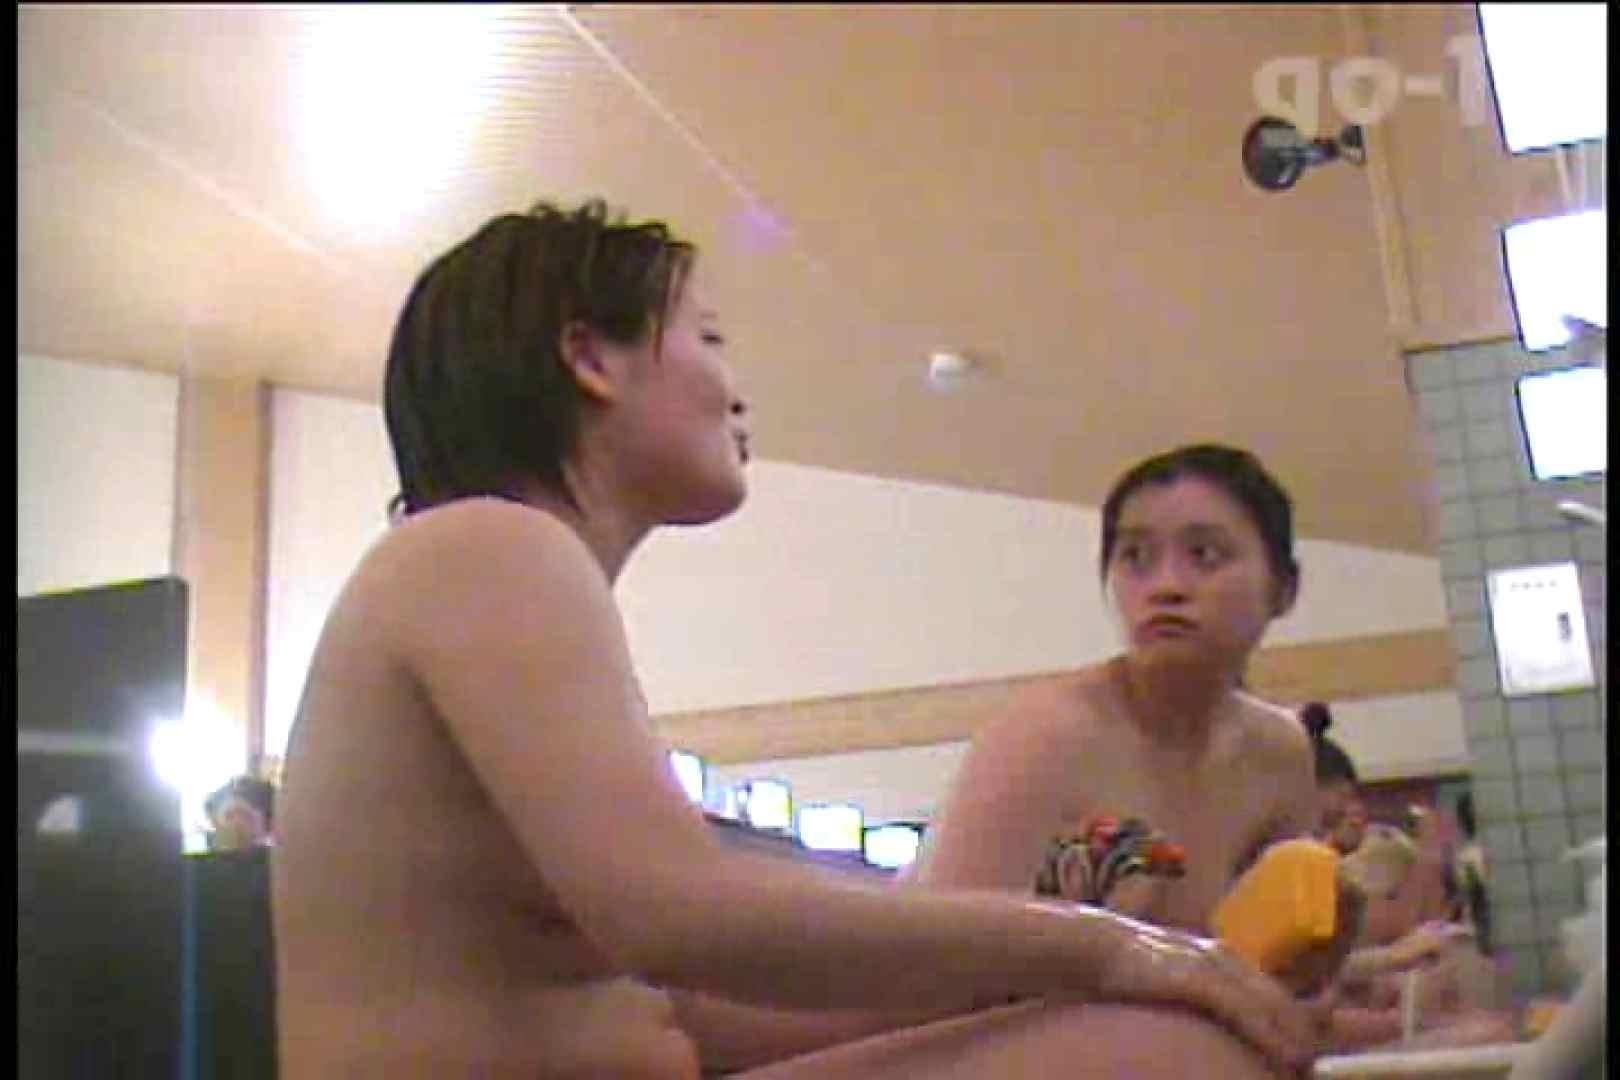 電波カメラ設置浴場からの防HAN映像 Vol.15 盛合せ おめこ無修正動画無料 108枚 12